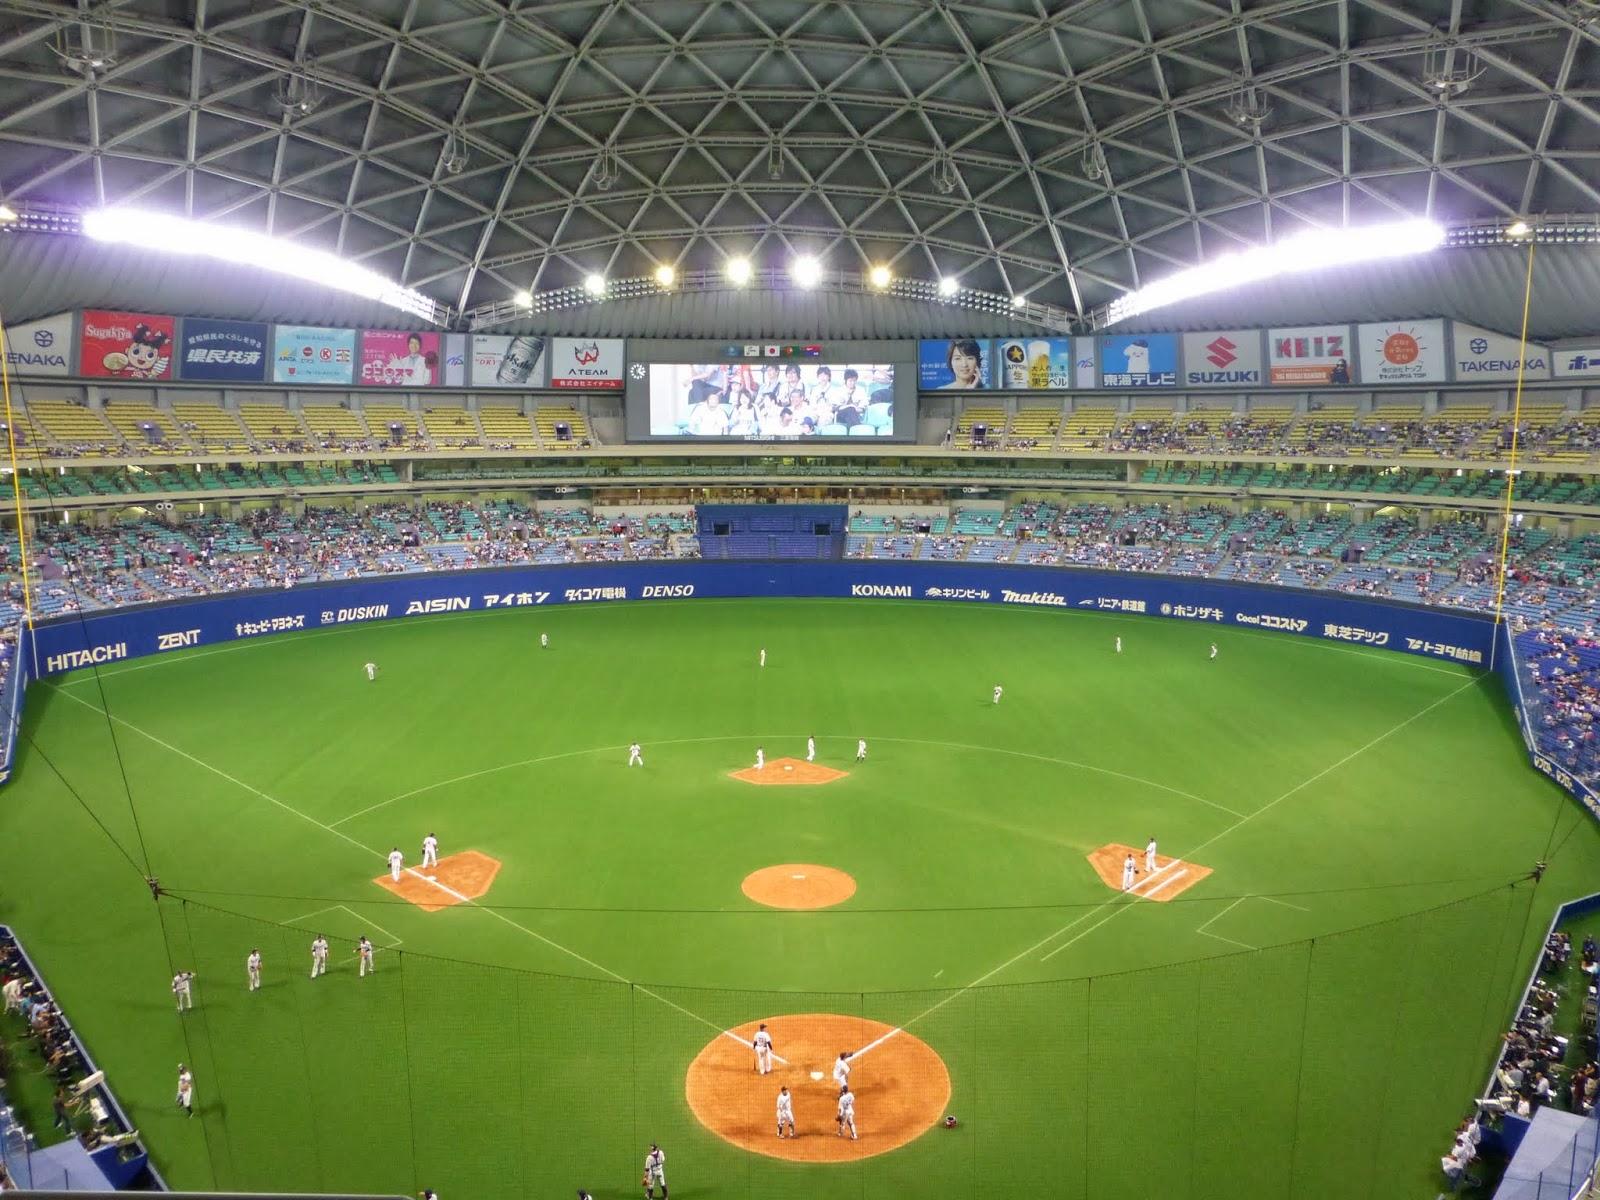 Chaos And Kanji Nagoya Dome A Baseball Game With The